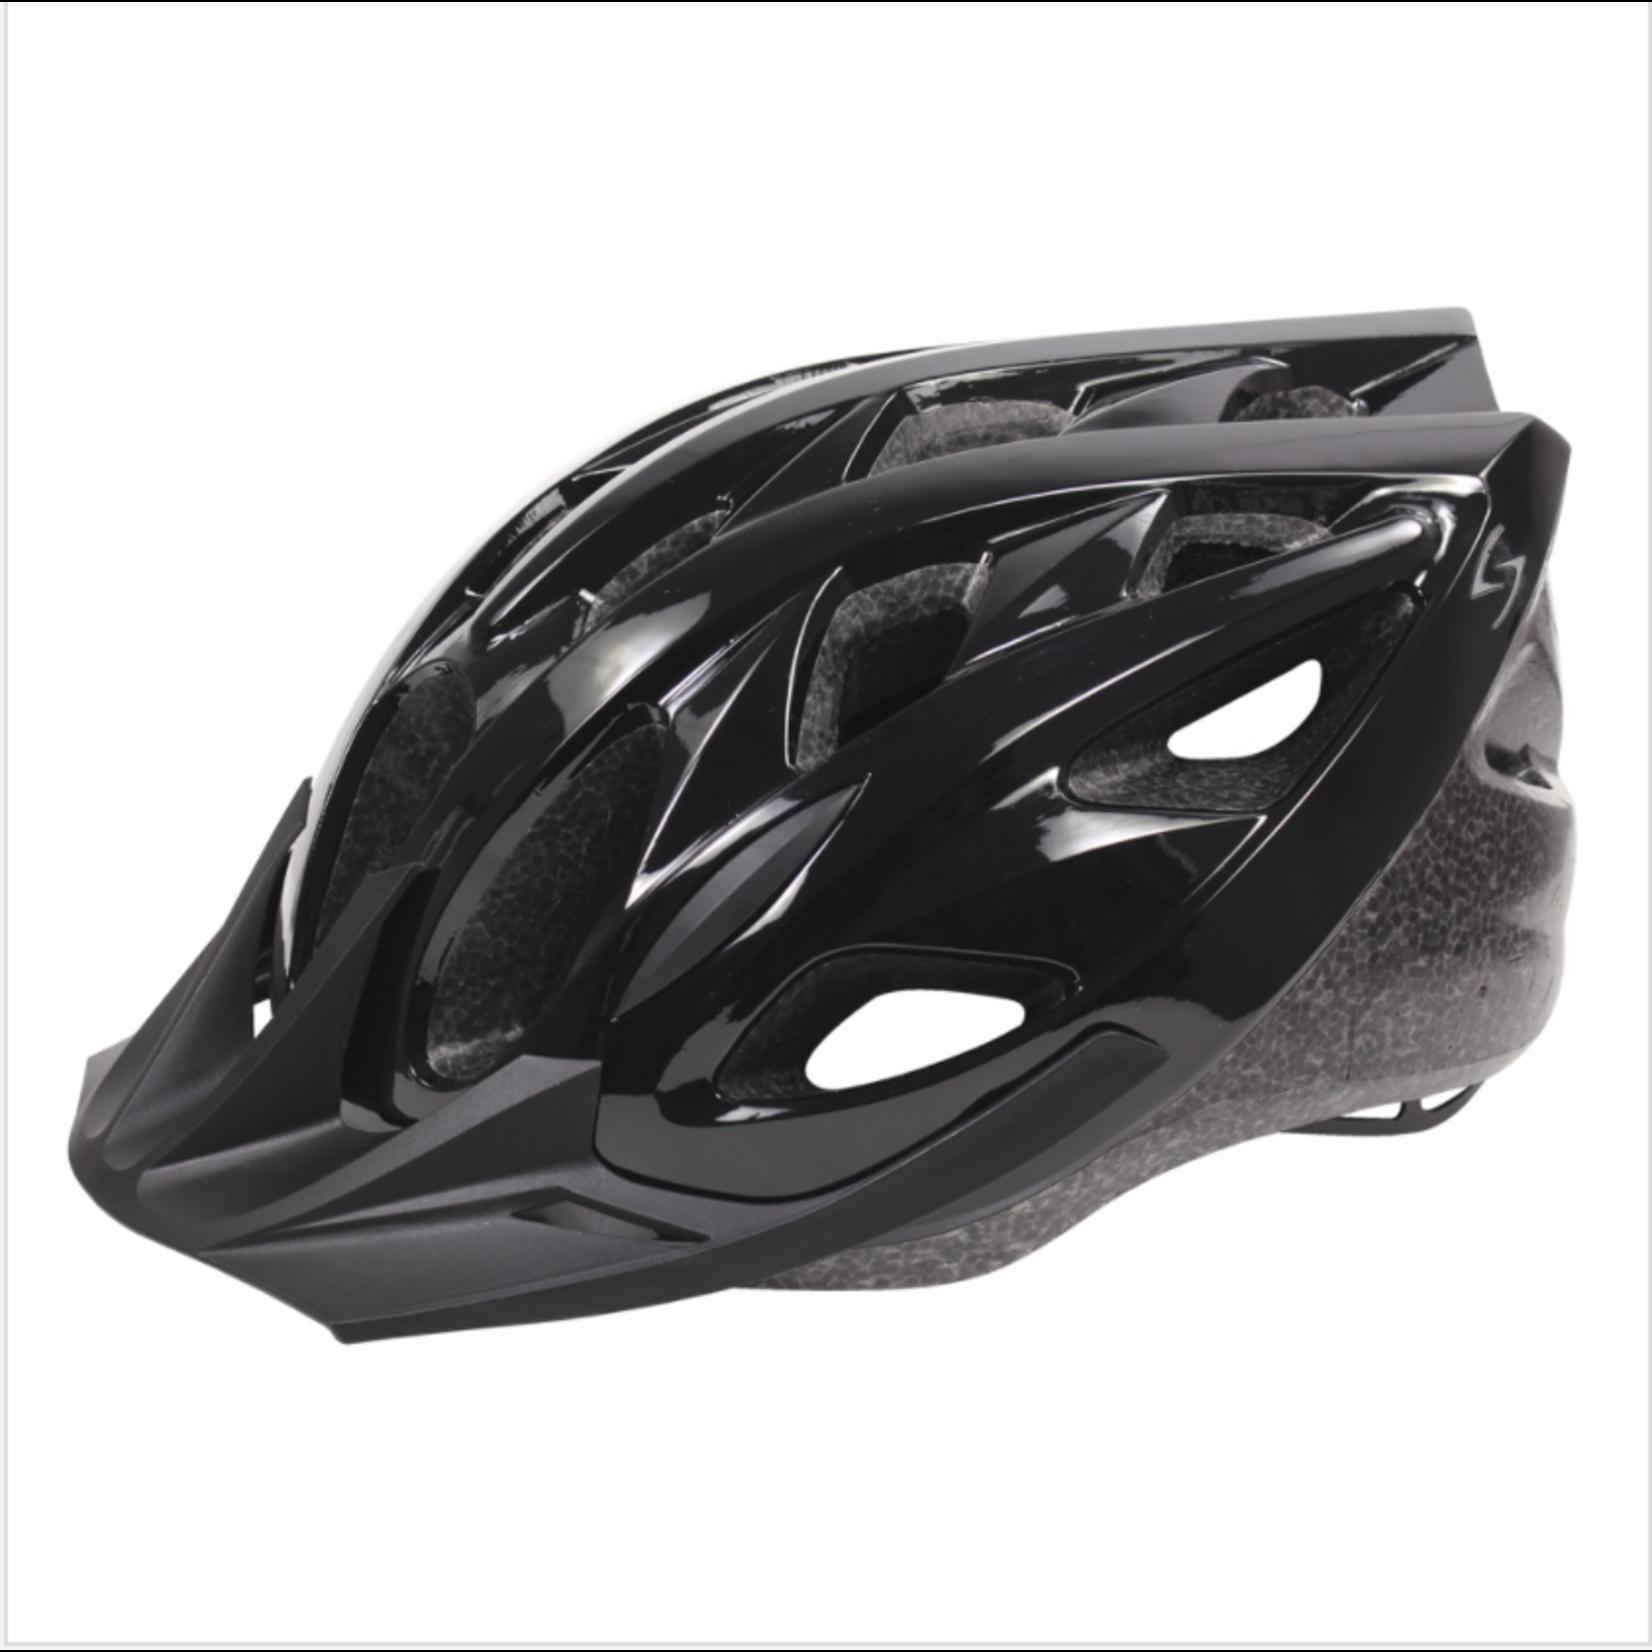 SERFAS Helmet HT-200BKBK Karv Gloss Black SM/MD (SERFAS)